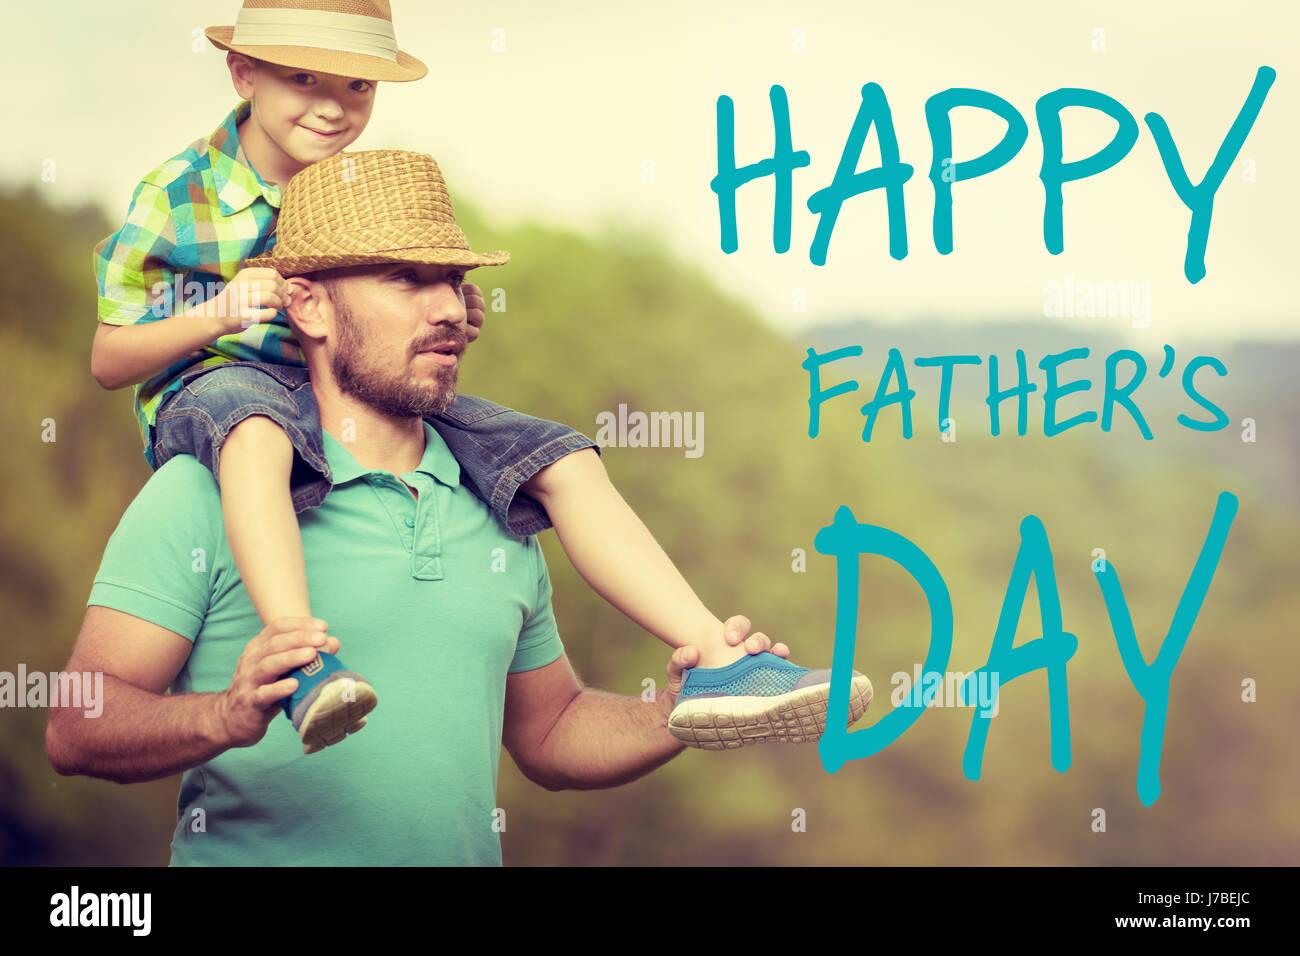 Le père et le fils du temps, le jour de père heureux concept Photo Stock